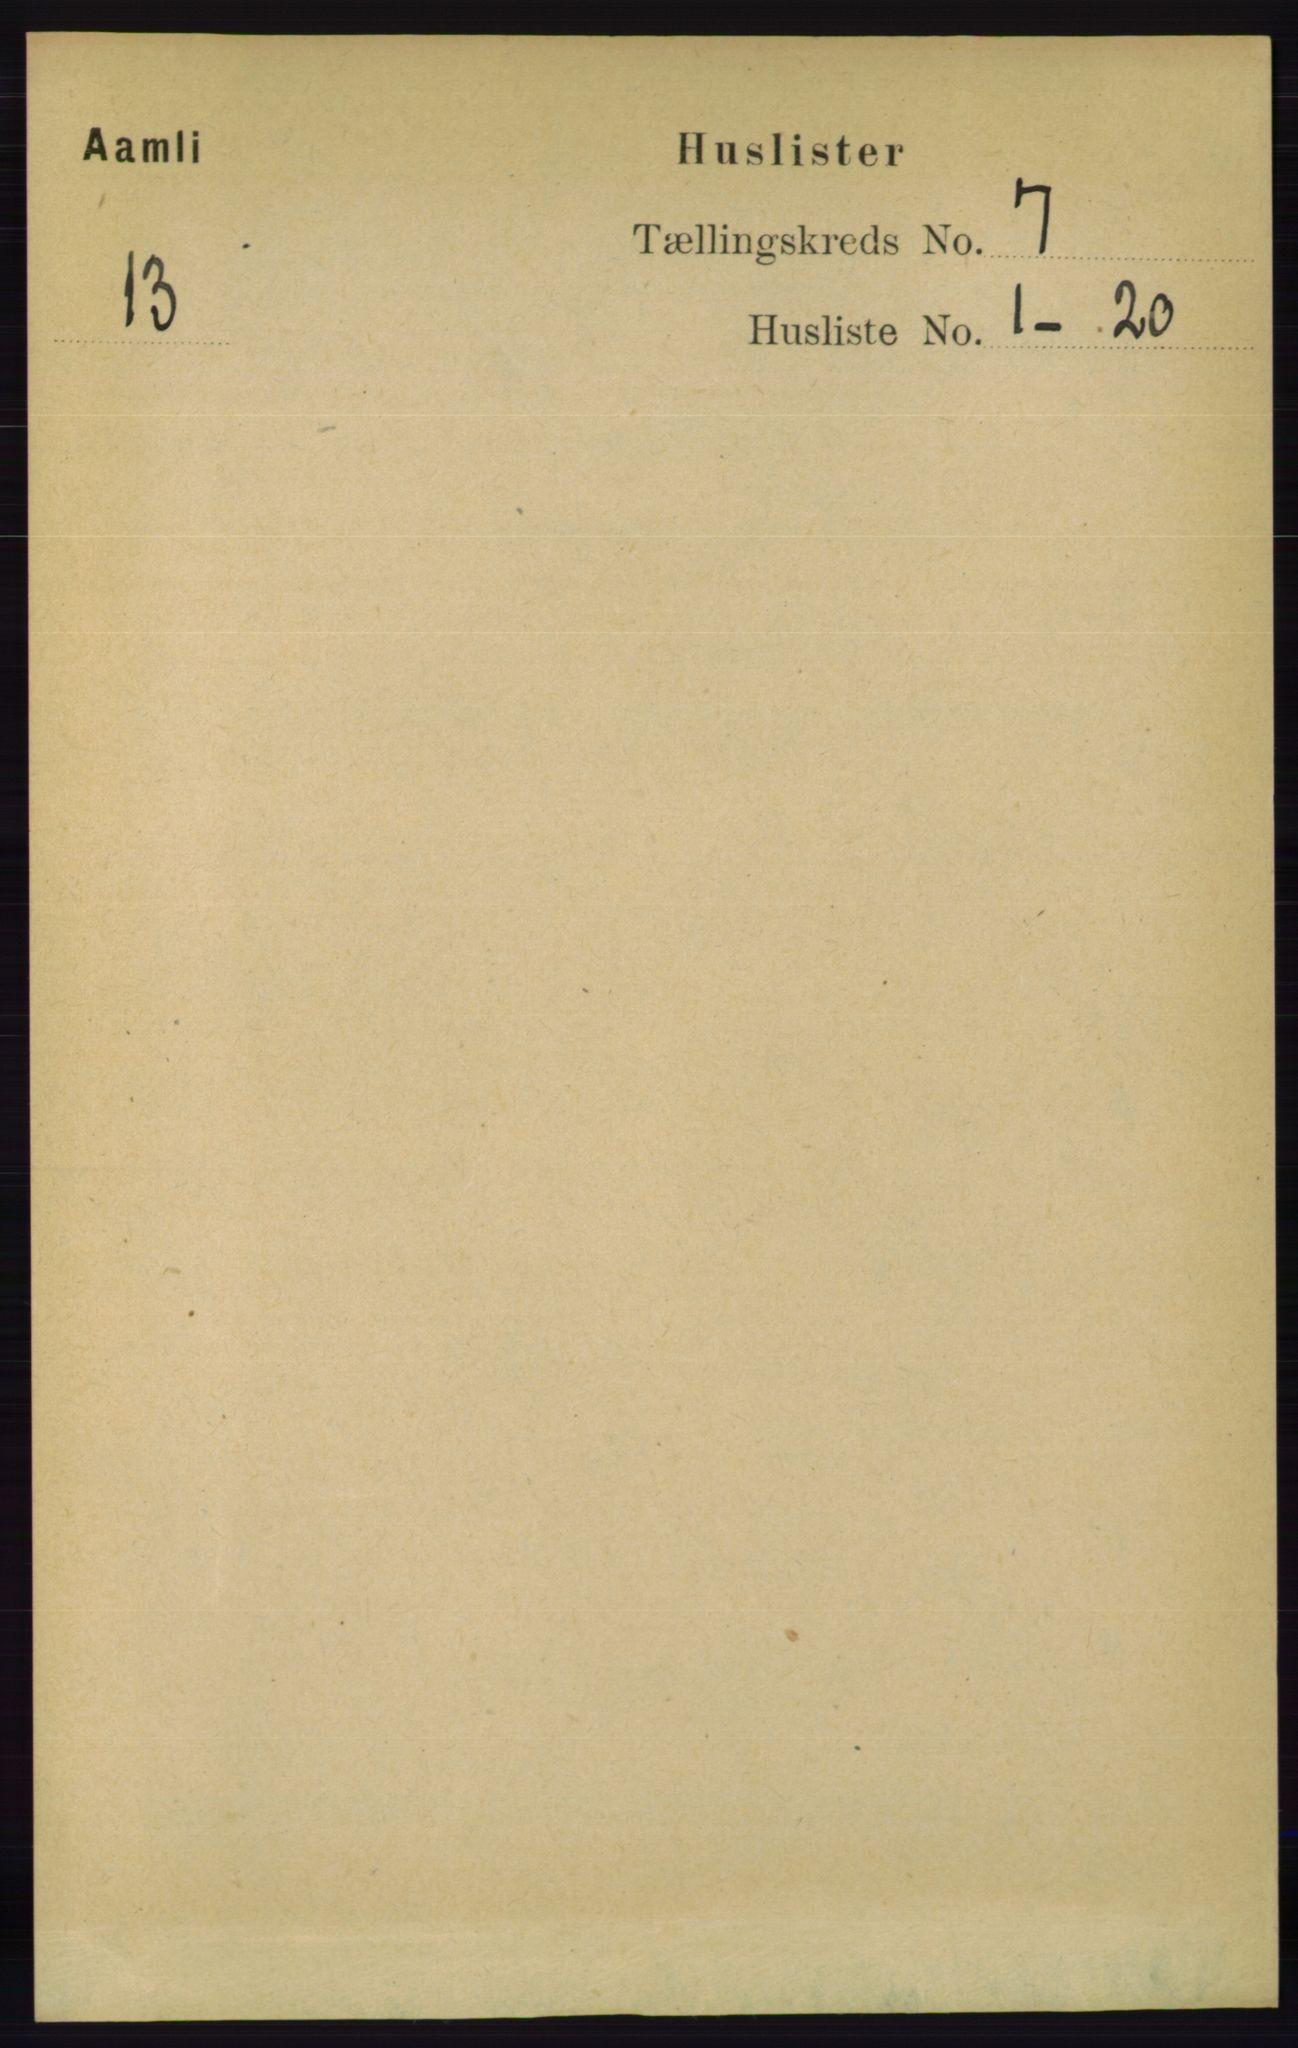 RA, Folketelling 1891 for 0929 Åmli herred, 1891, s. 915